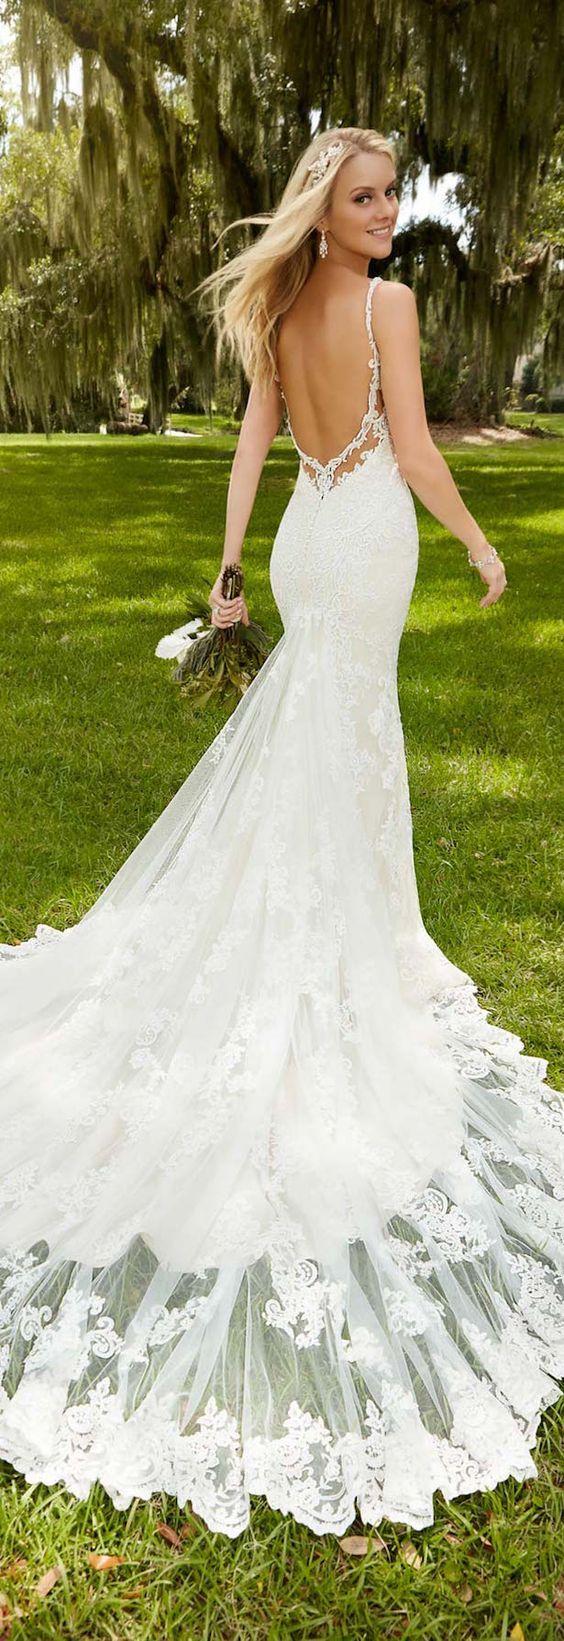 Spring u summer wedding dress ideas wedding stuff